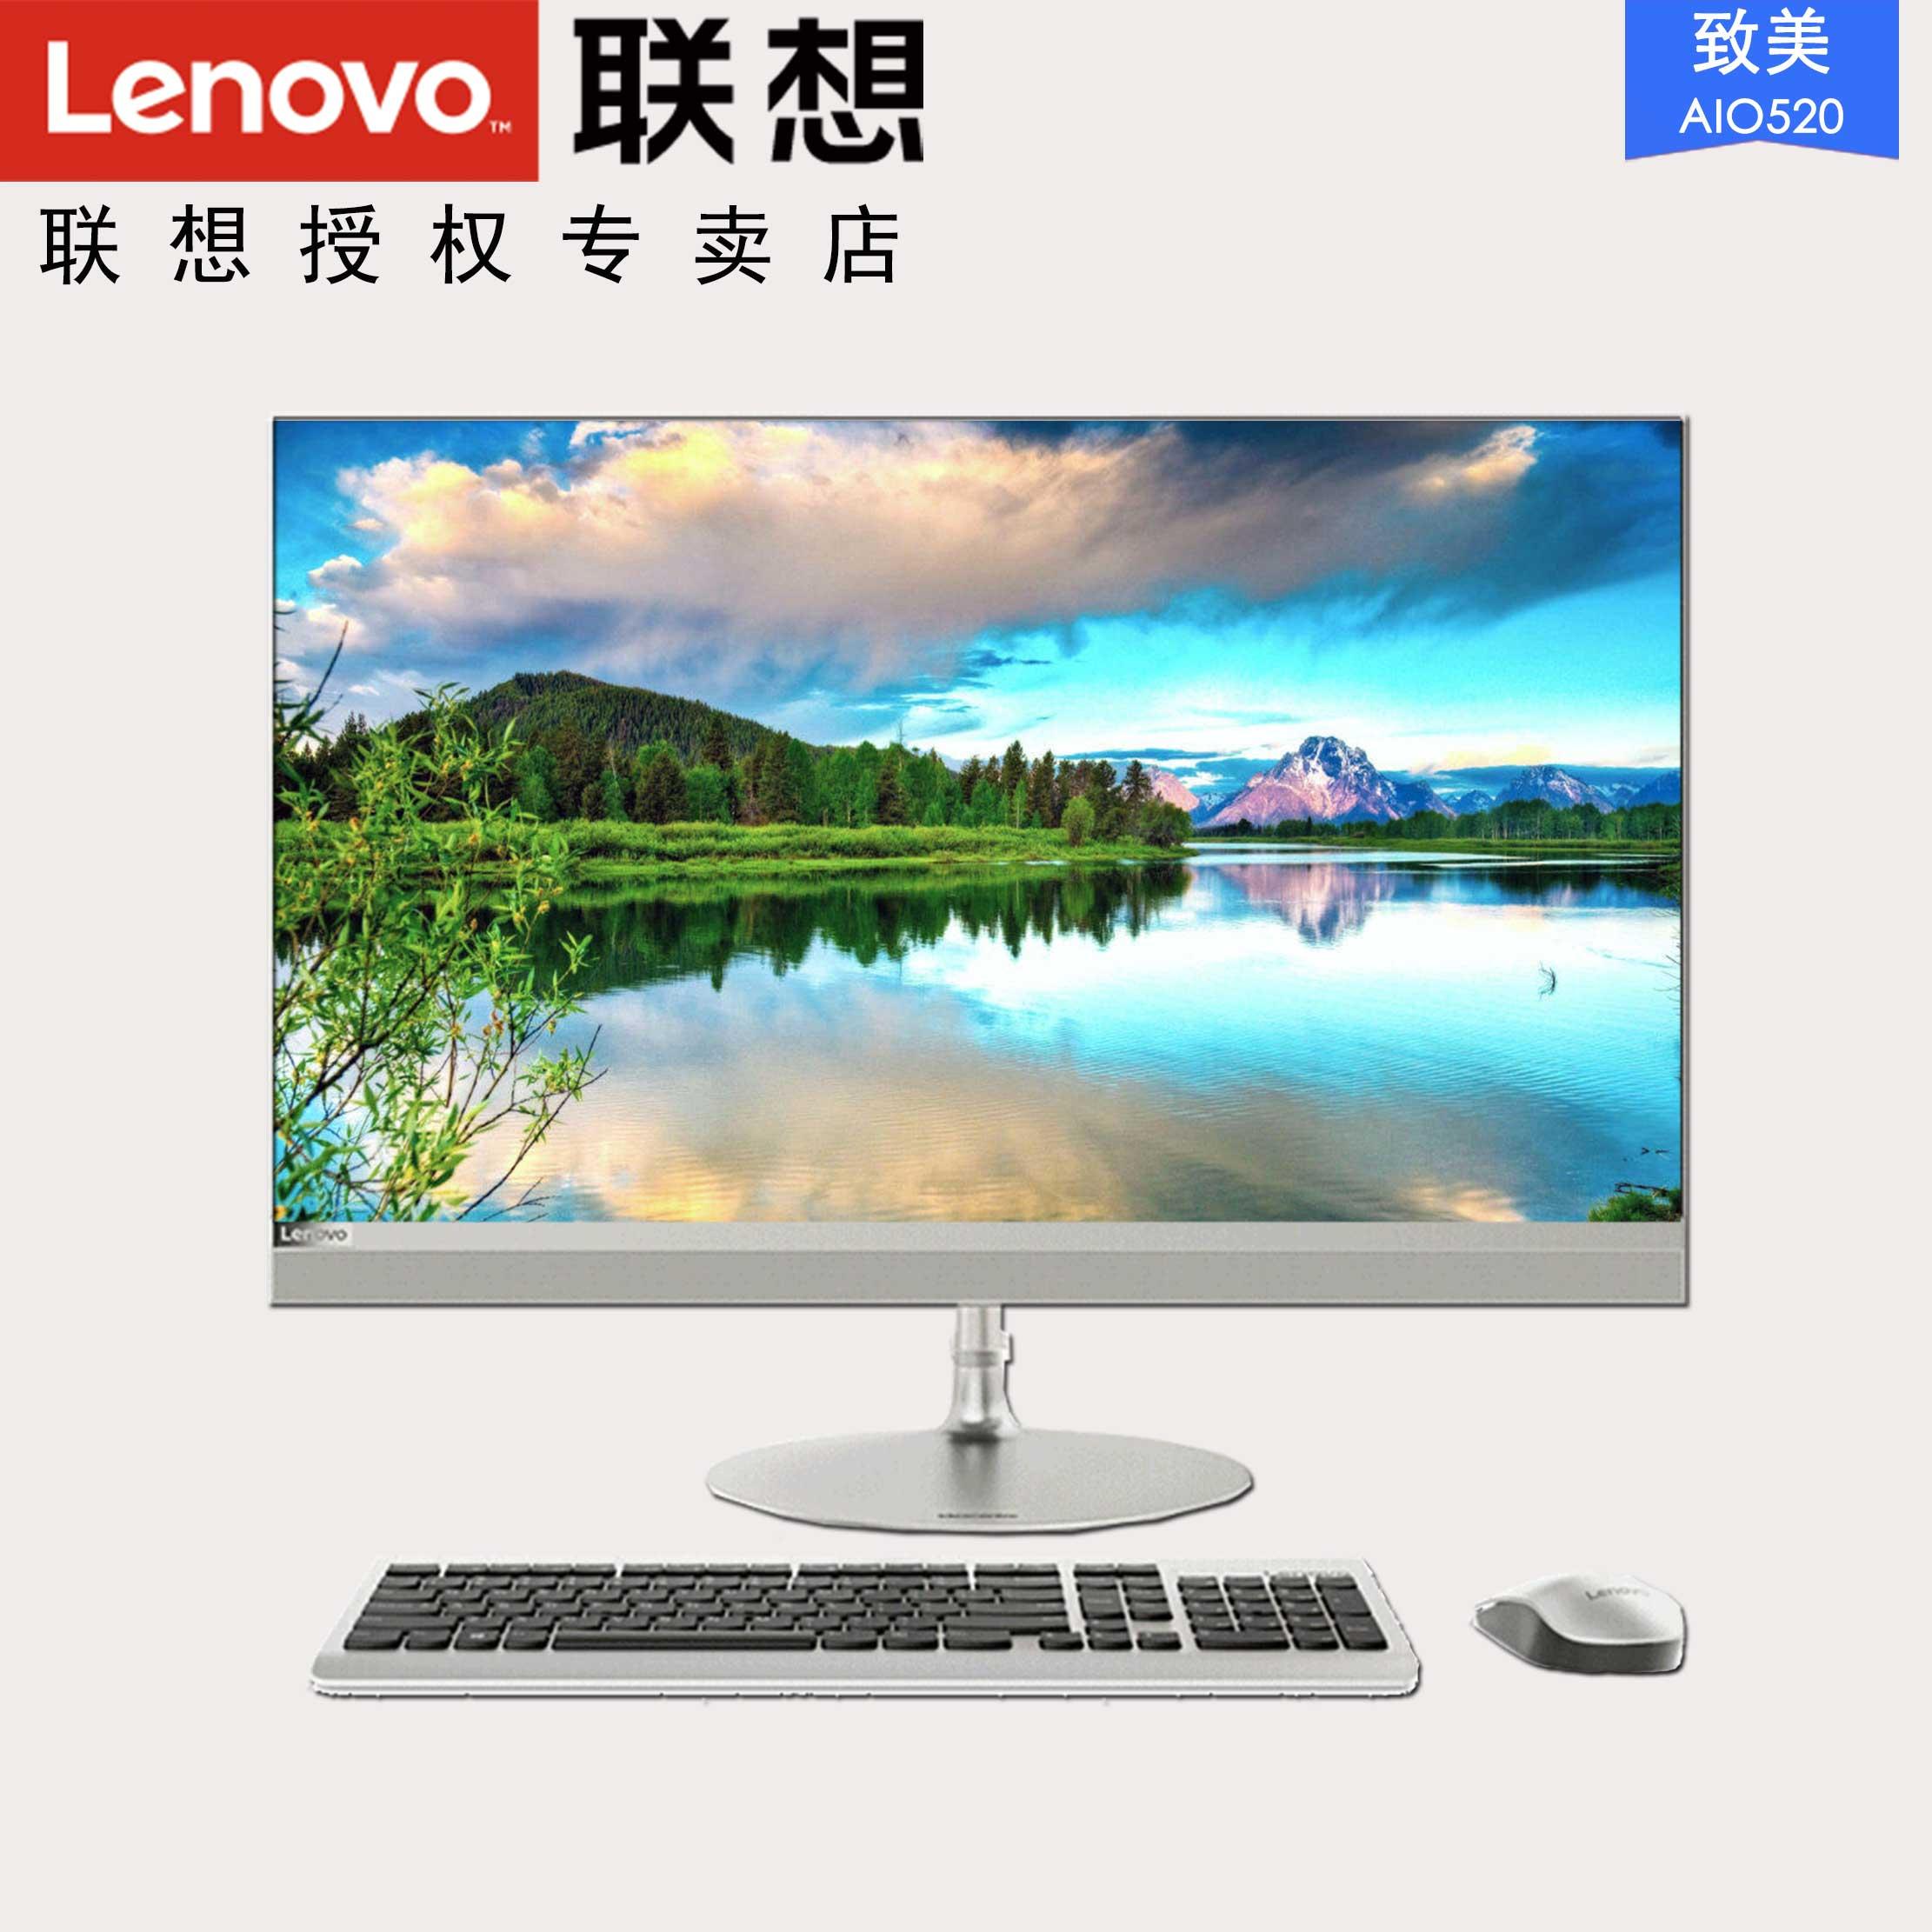 新款聯想致美一體機電腦AIO520-22 四核i3-8100T 21.5英寸家用學習辦公臺式電腦整套A6-9220 AIO510升級